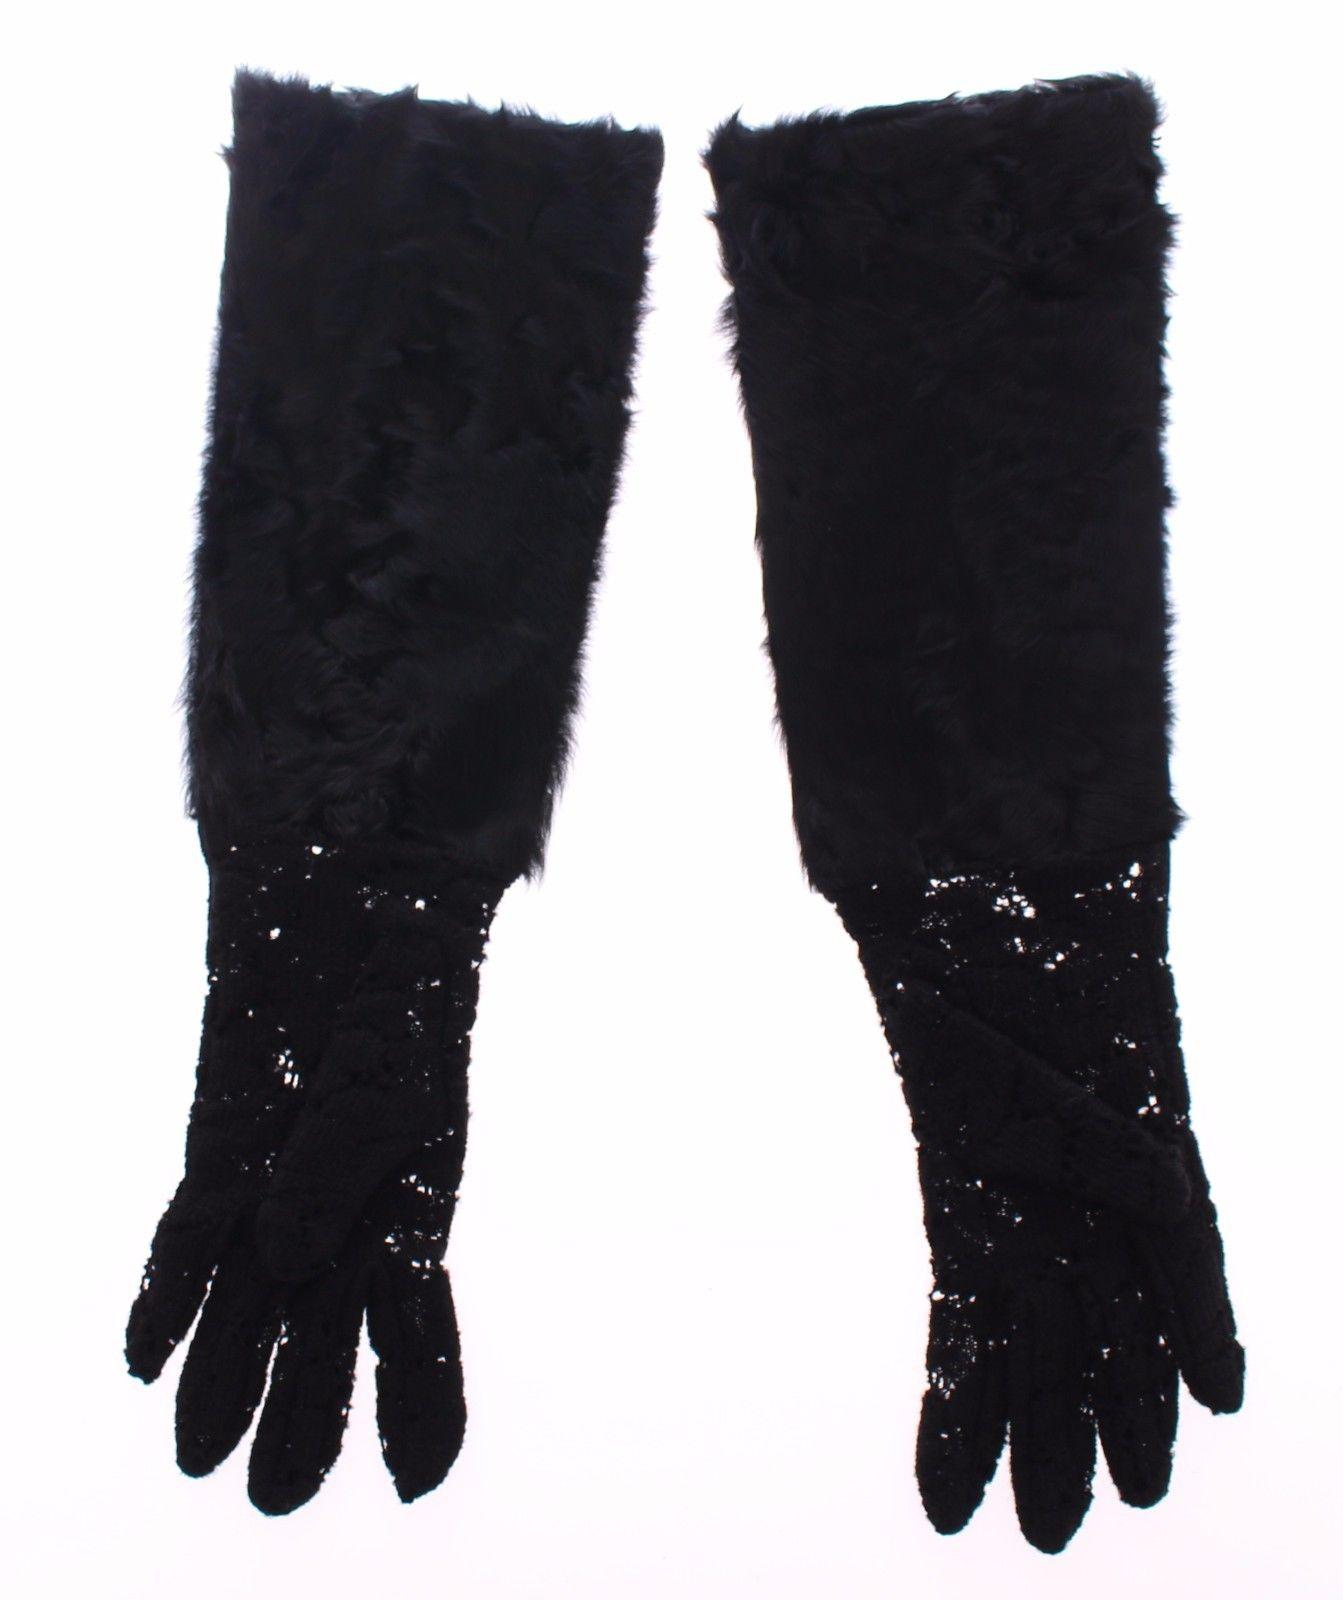 Dolce & Gabbana Women's Lace Wool Lambskin Fur Elbow Gloves Black MOM11451 - 7 | S